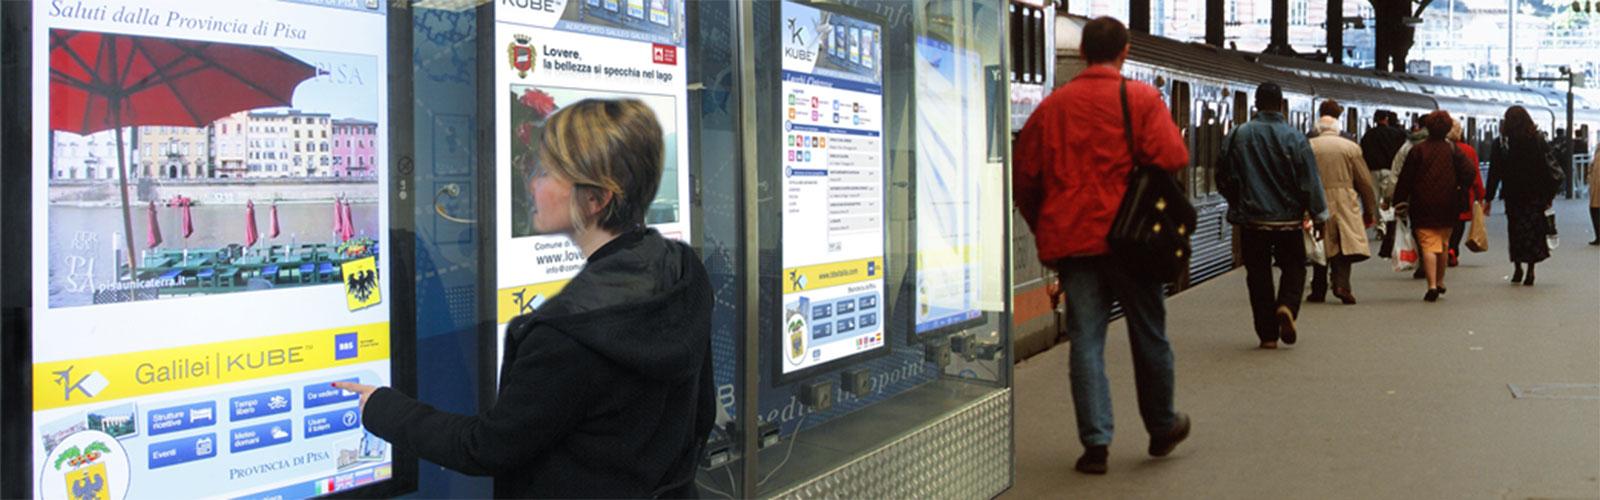 bacheca-digitale-interattiva